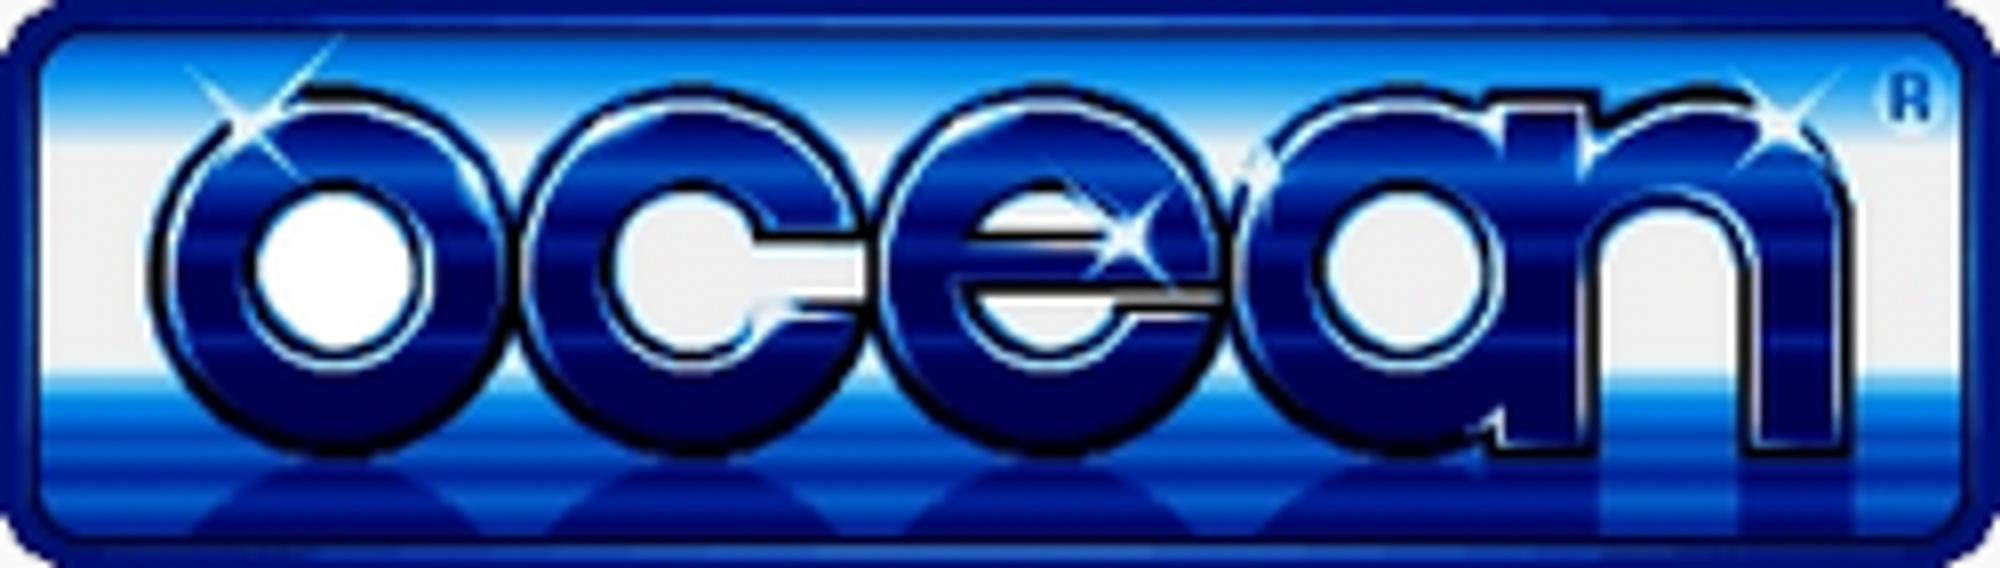 Den karakteristiske Ocean-logoen.